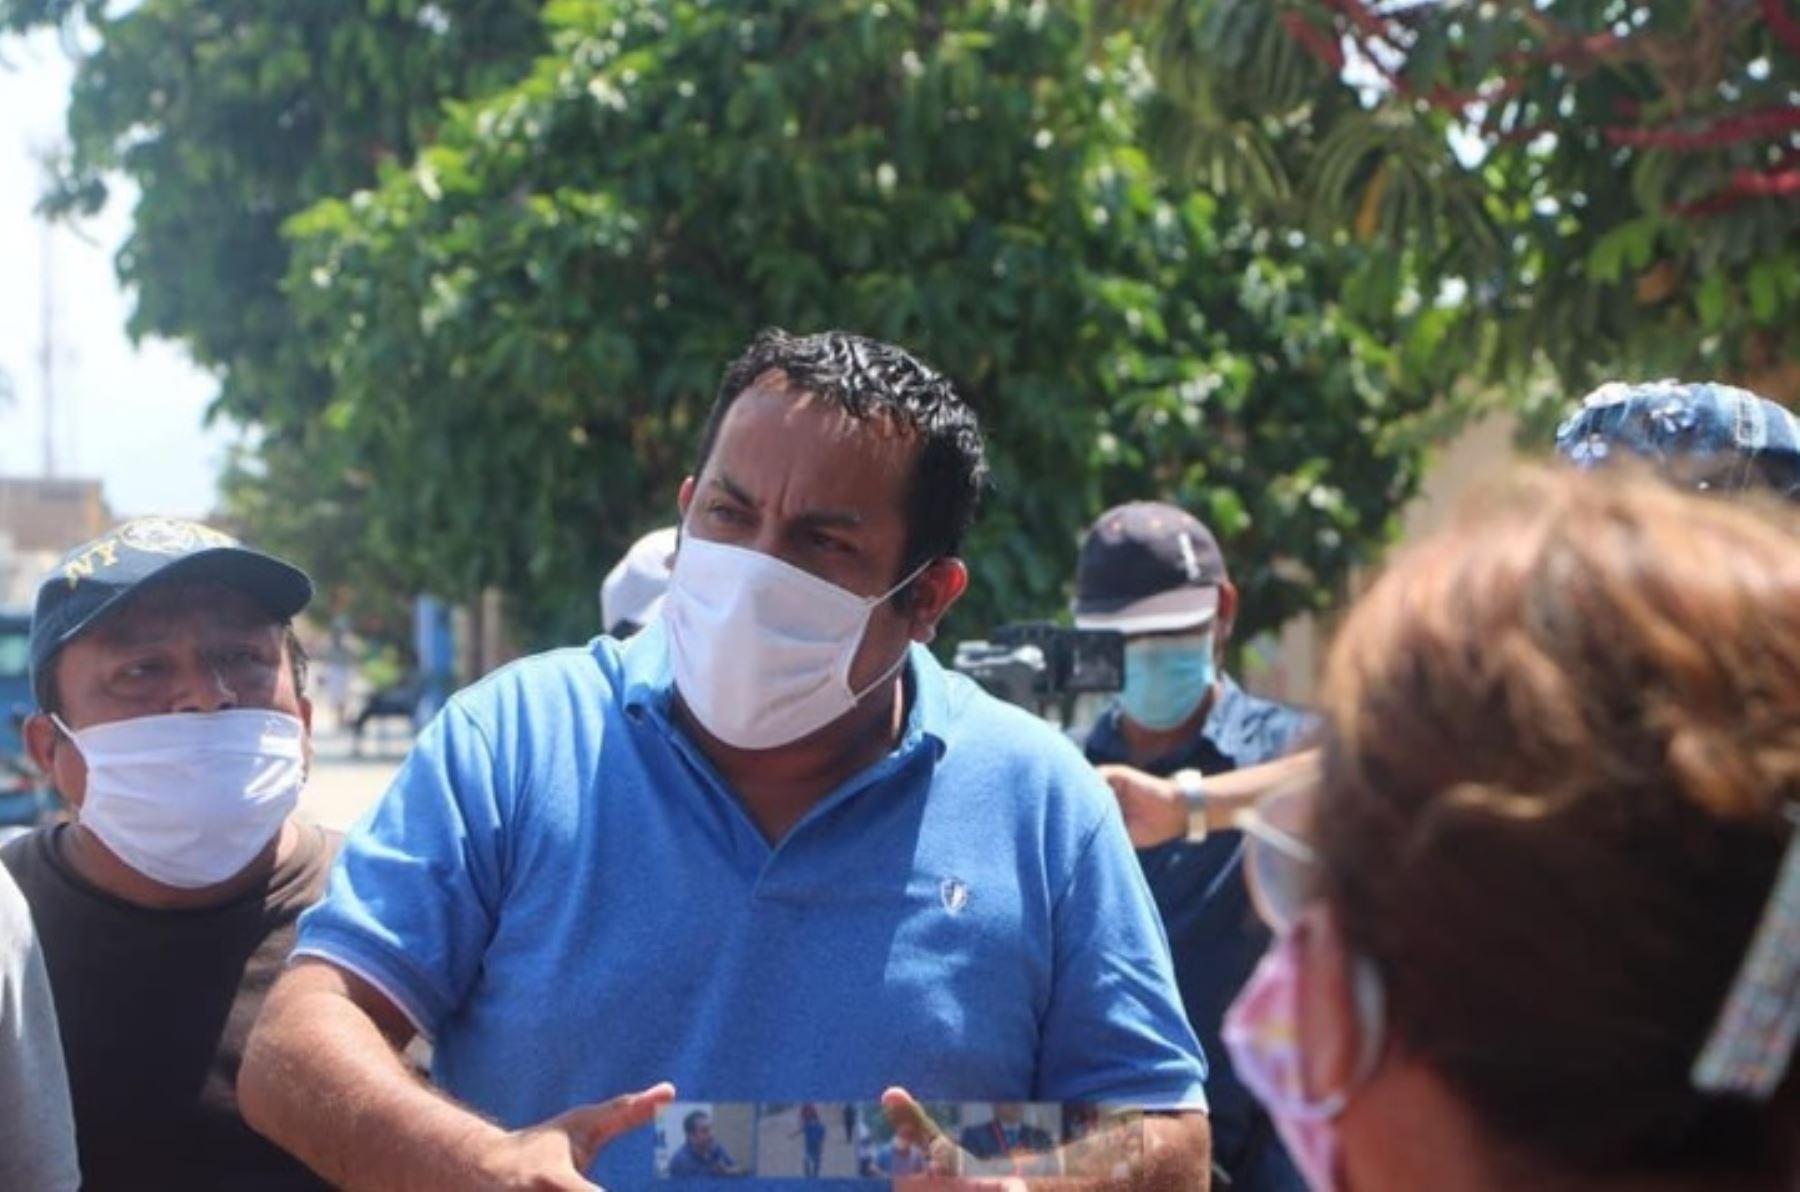 El alcalde de la provincia liberteña de Pacasmayo-San Pedro de Lloc, Víctor Raúl Cruzado Rivera, informó que dio positivo en la prueba rápida de covid-19 y es asintomático, por lo que cumplirá estríctamente los 14 días de cuarentena sanitaria en su vivienda.